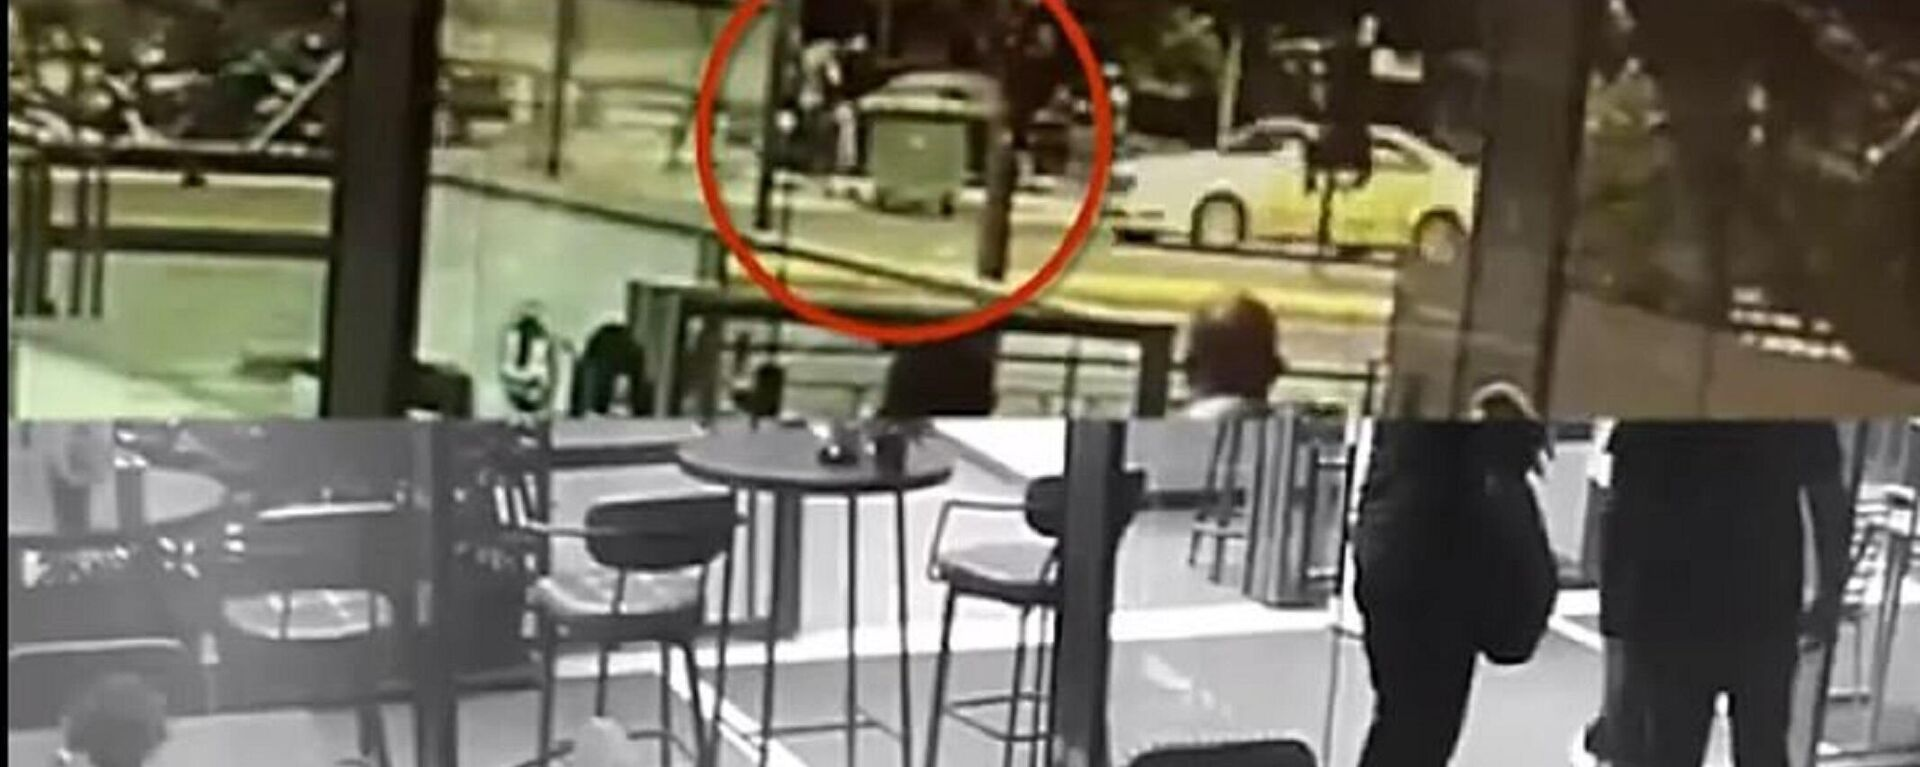 Λεωφόρος Αλεξάνδρας: Βίντεο - ντοκουμέντο από την απόπειρα δολοφονίας του 32χρονου - Sputnik Ελλάδα, 1920, 22.09.2021